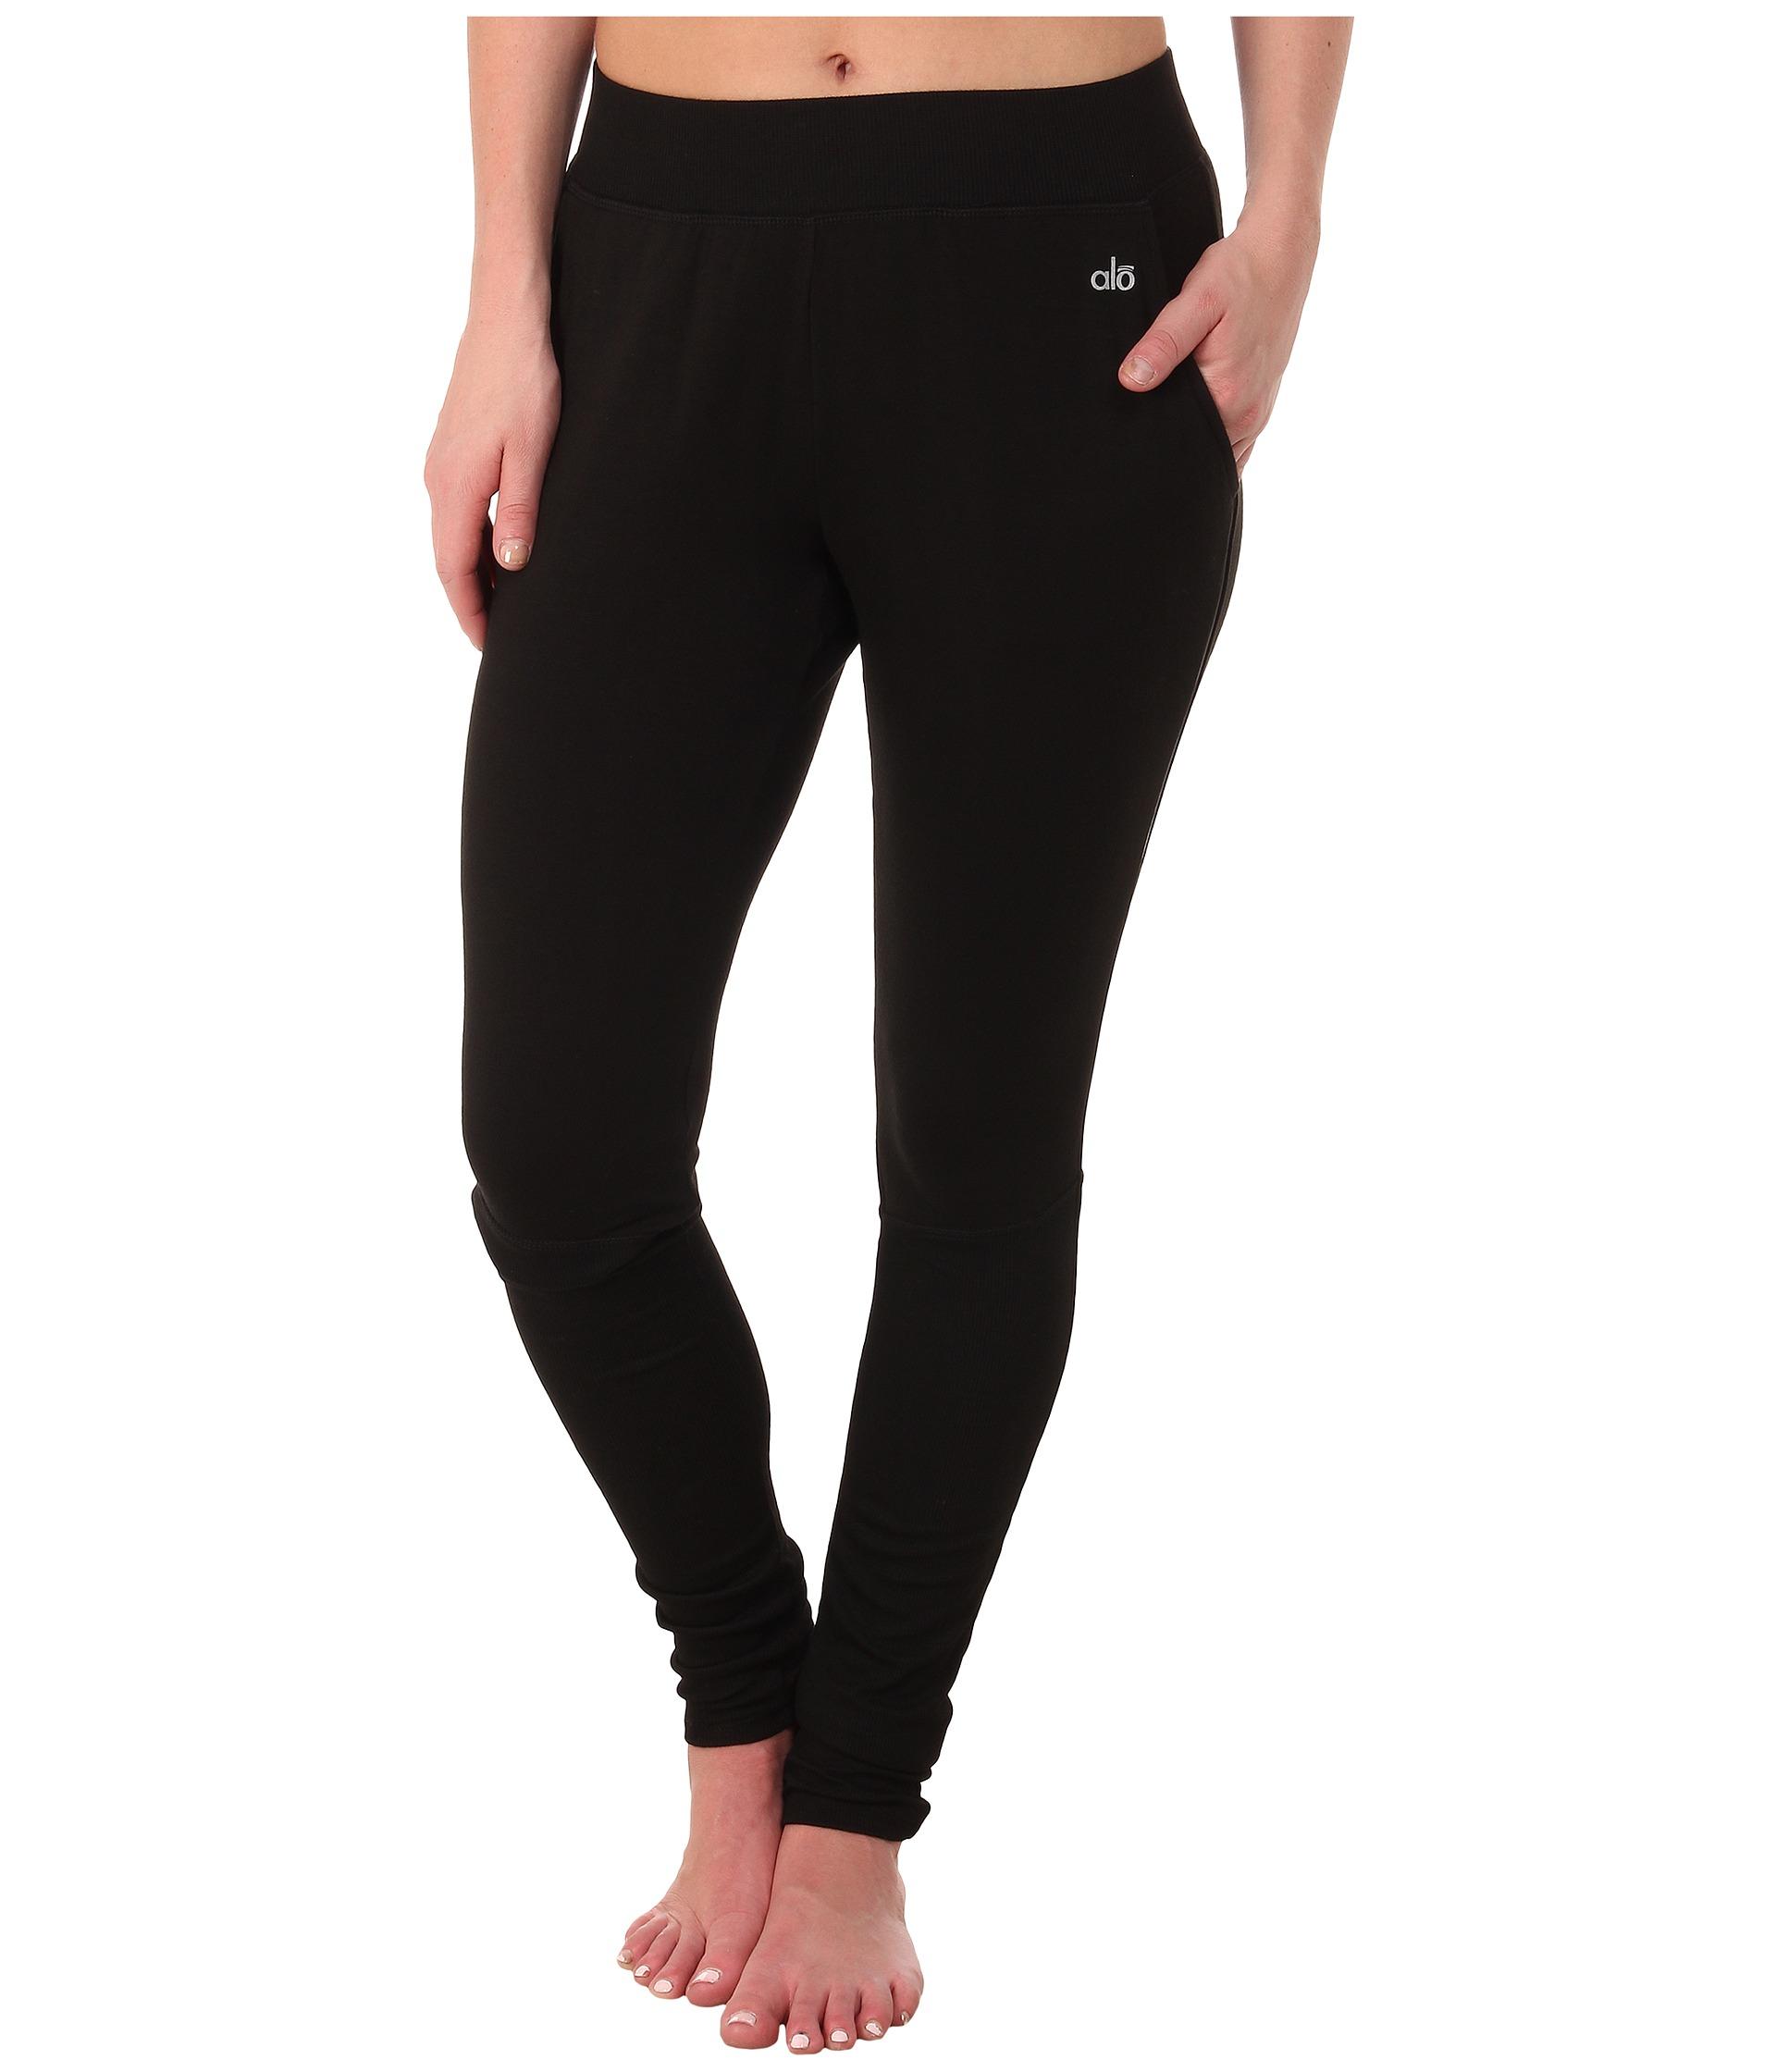 82d91e5703823 Alo Yoga Yen Sweatpants in Black - Lyst